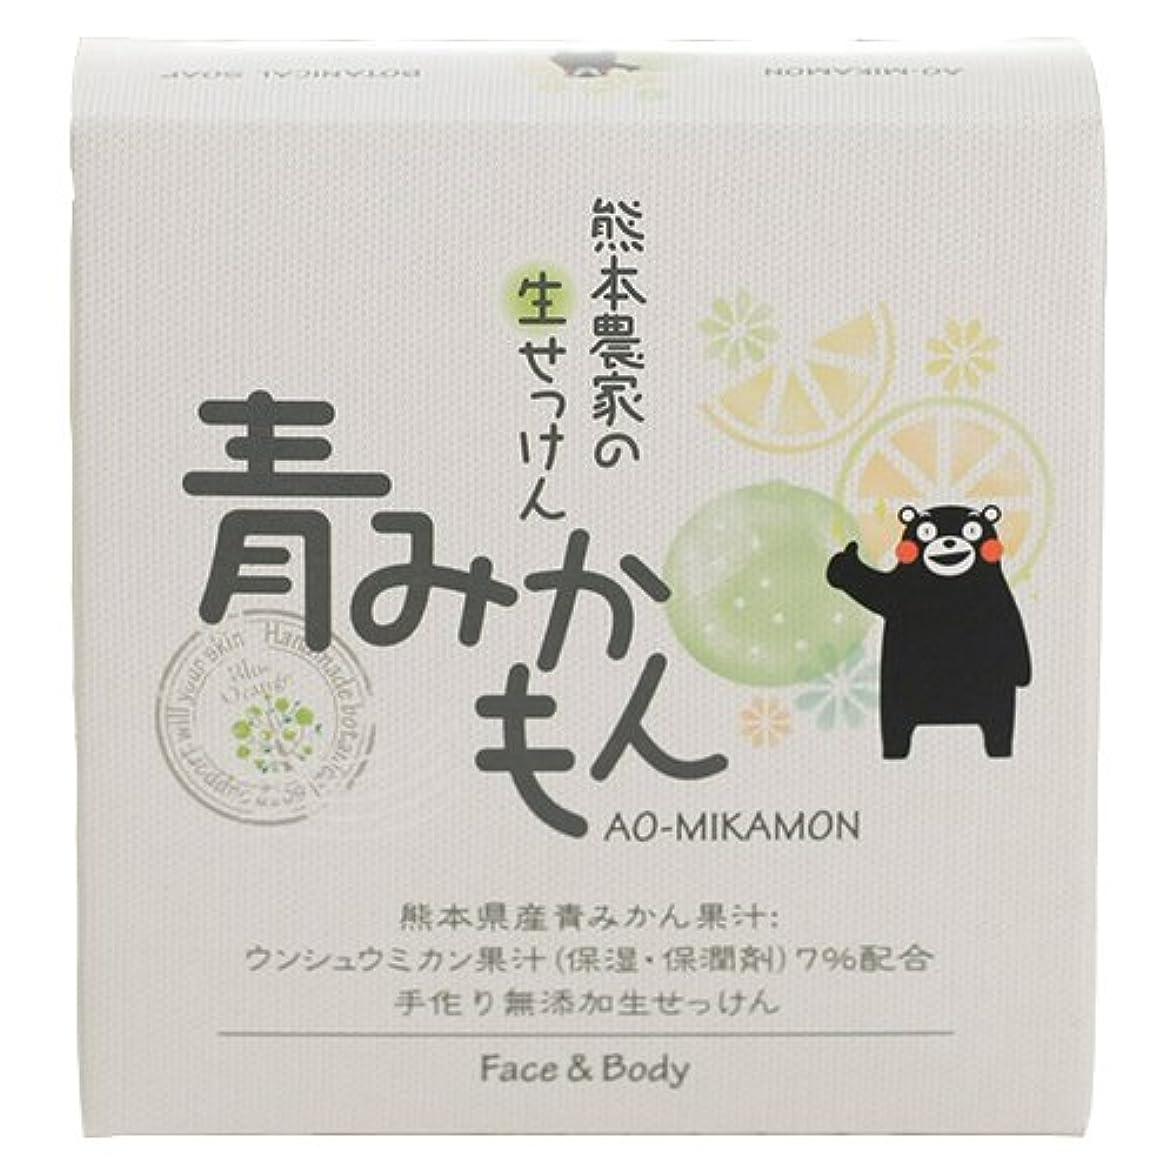 ライバル毒液リクルートゼネラルリンク 熊本農家の生せっけん 青みかもん 80g 石鹸 柑橘系の自然な香り